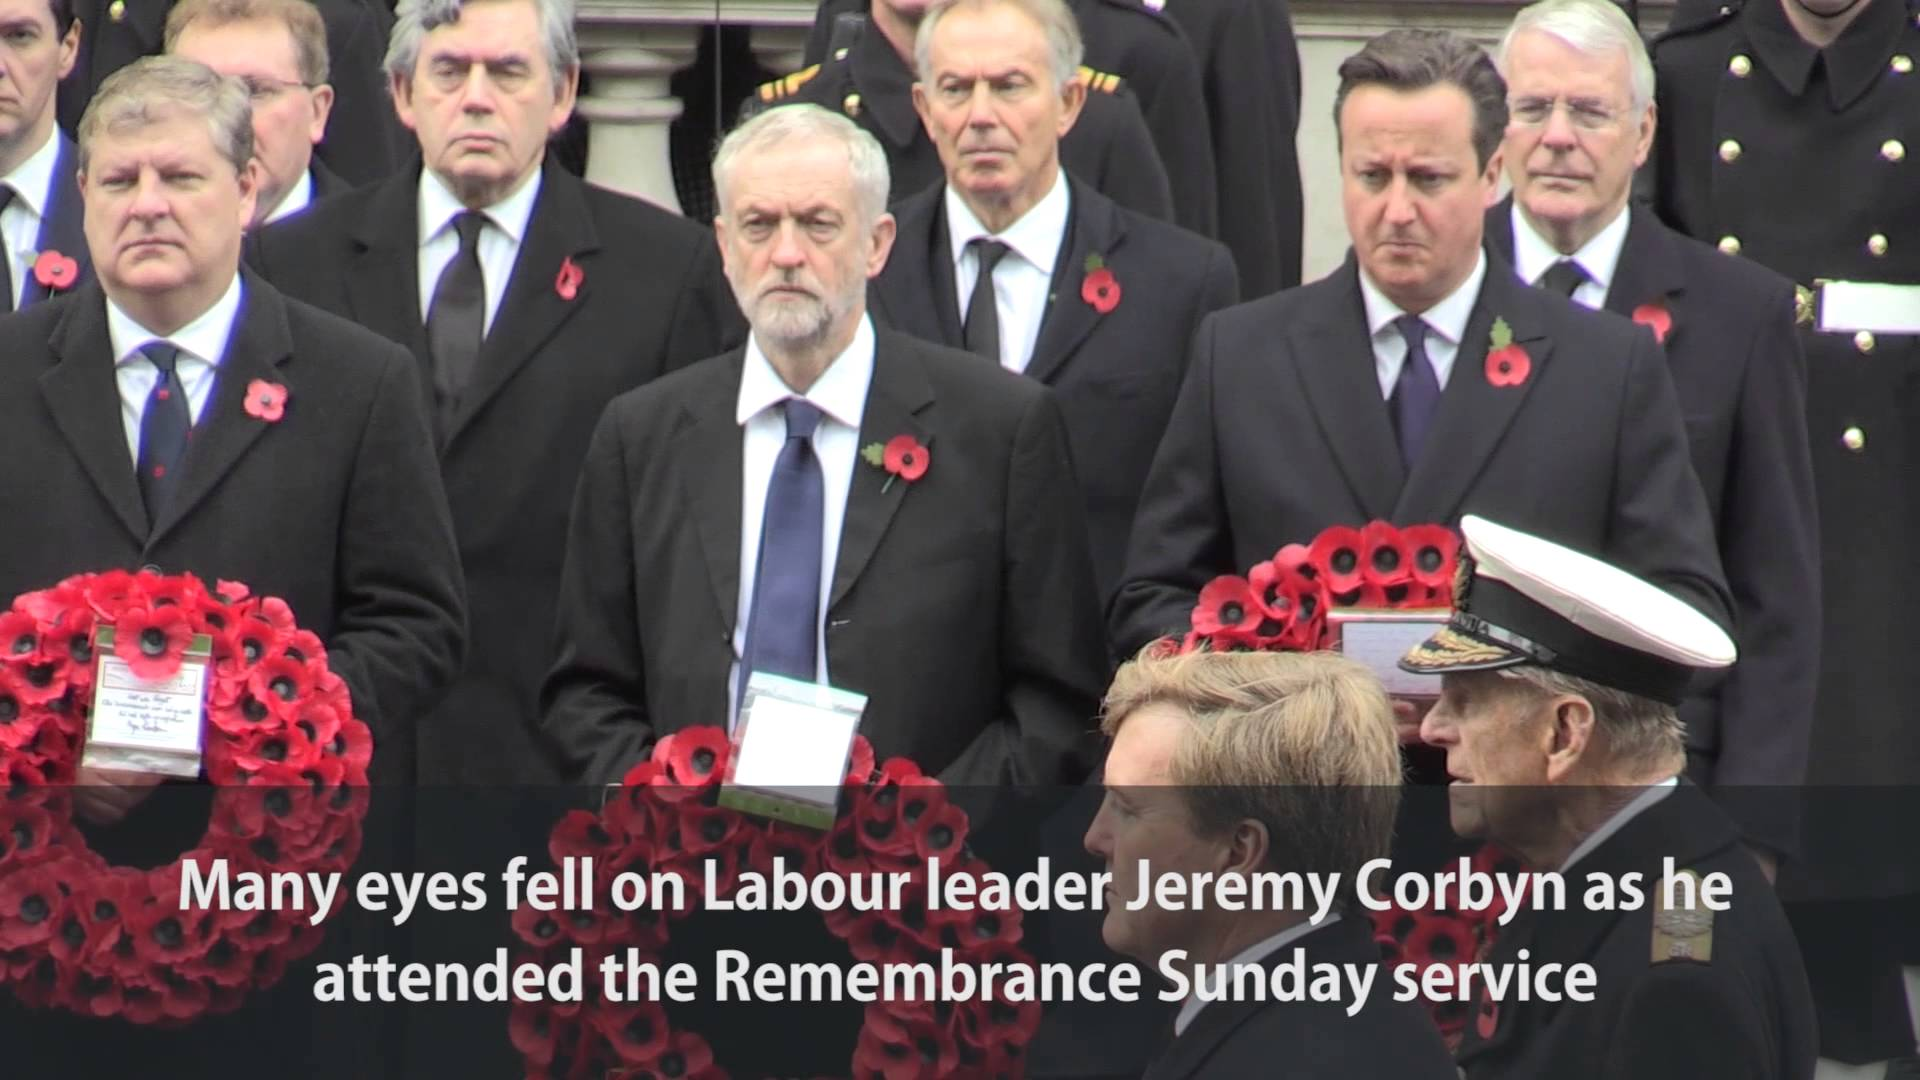 VIDEO: Velika Britanija se sjetila poginulih na blagdan Remembrance Sunday